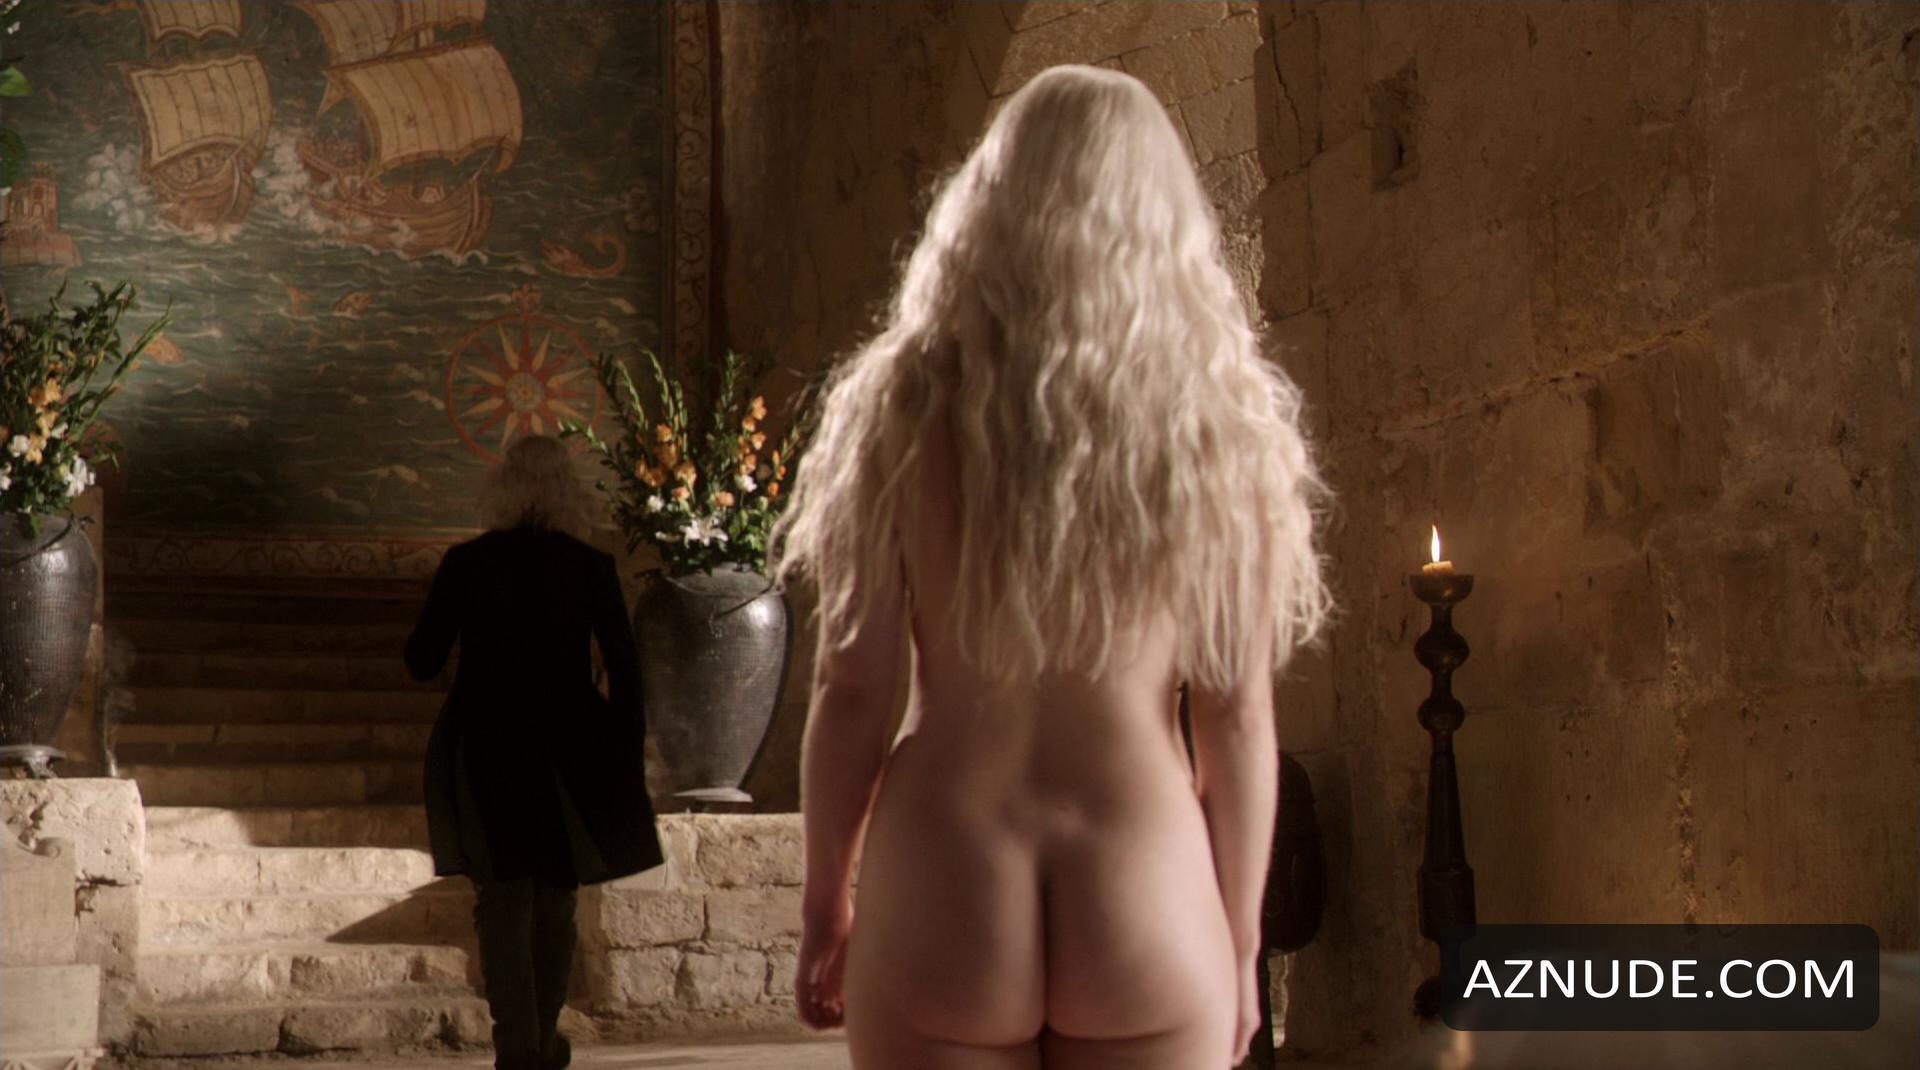 Hots Luke Clark Nude Pictures